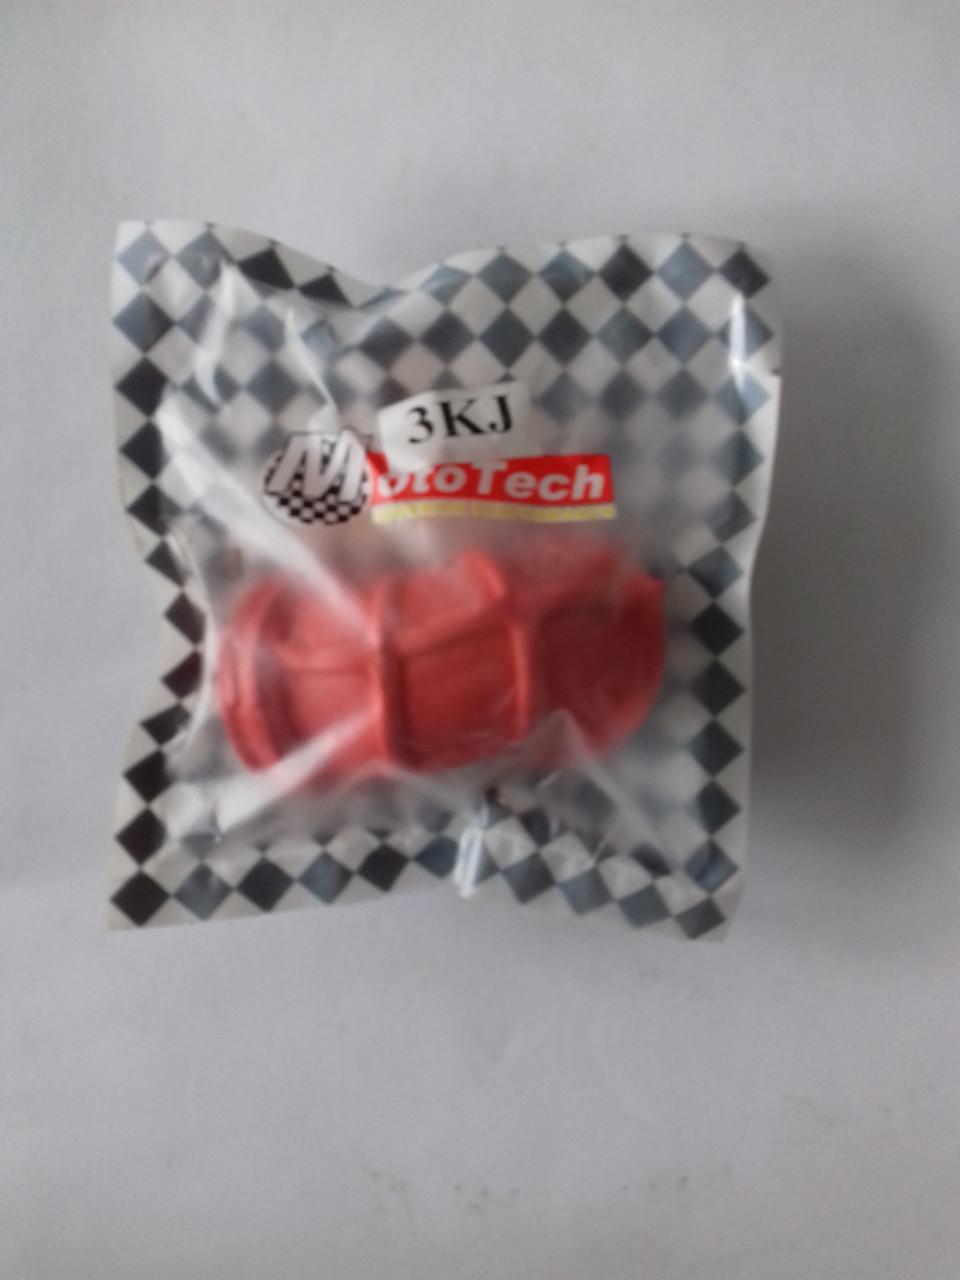 Патрубок фильтра YAMAHA 3KJ (красный)